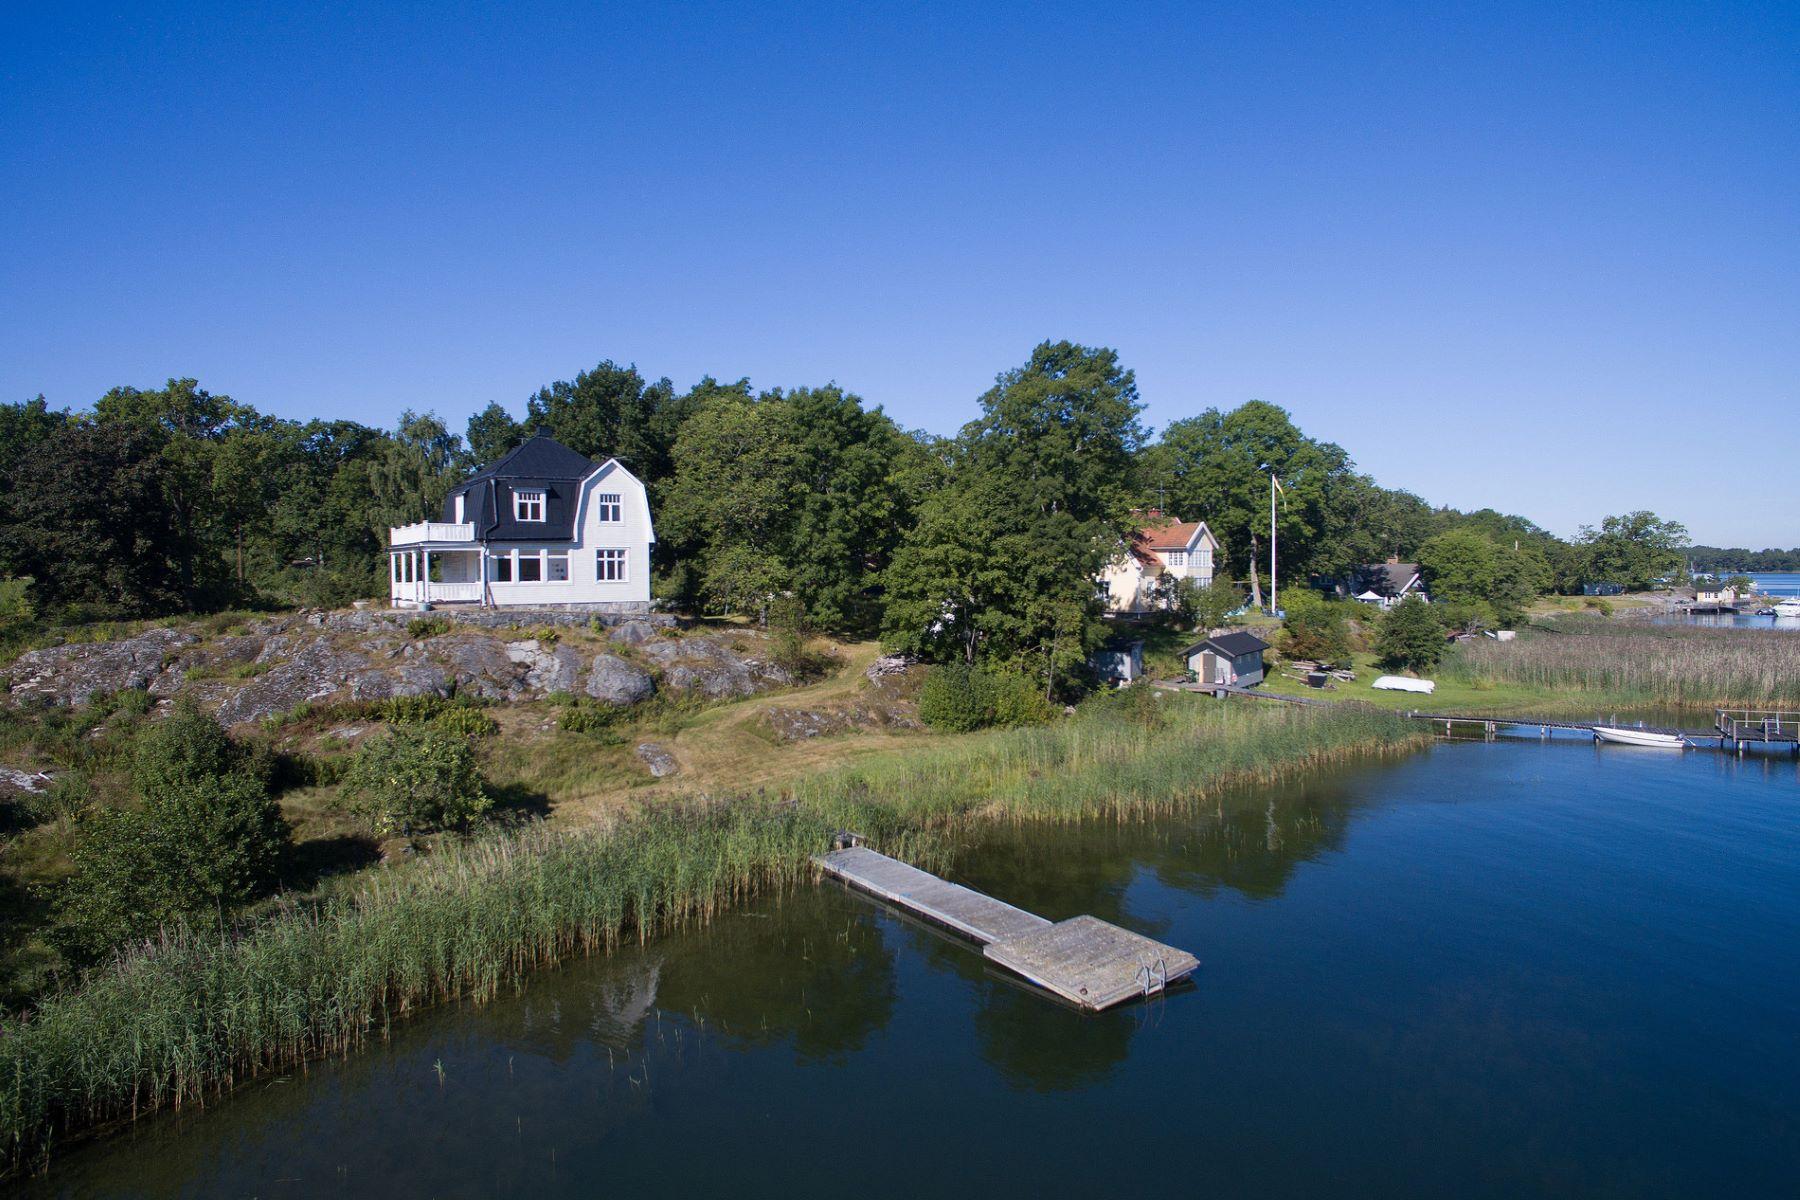 独户住宅 为 销售 在 Turn-of-the-Century home on a waterfront property and a private pier Östra Räknäsvägen 9 斯德哥尔摩其他地方, 斯德哥尔摩, 134 38 瑞典